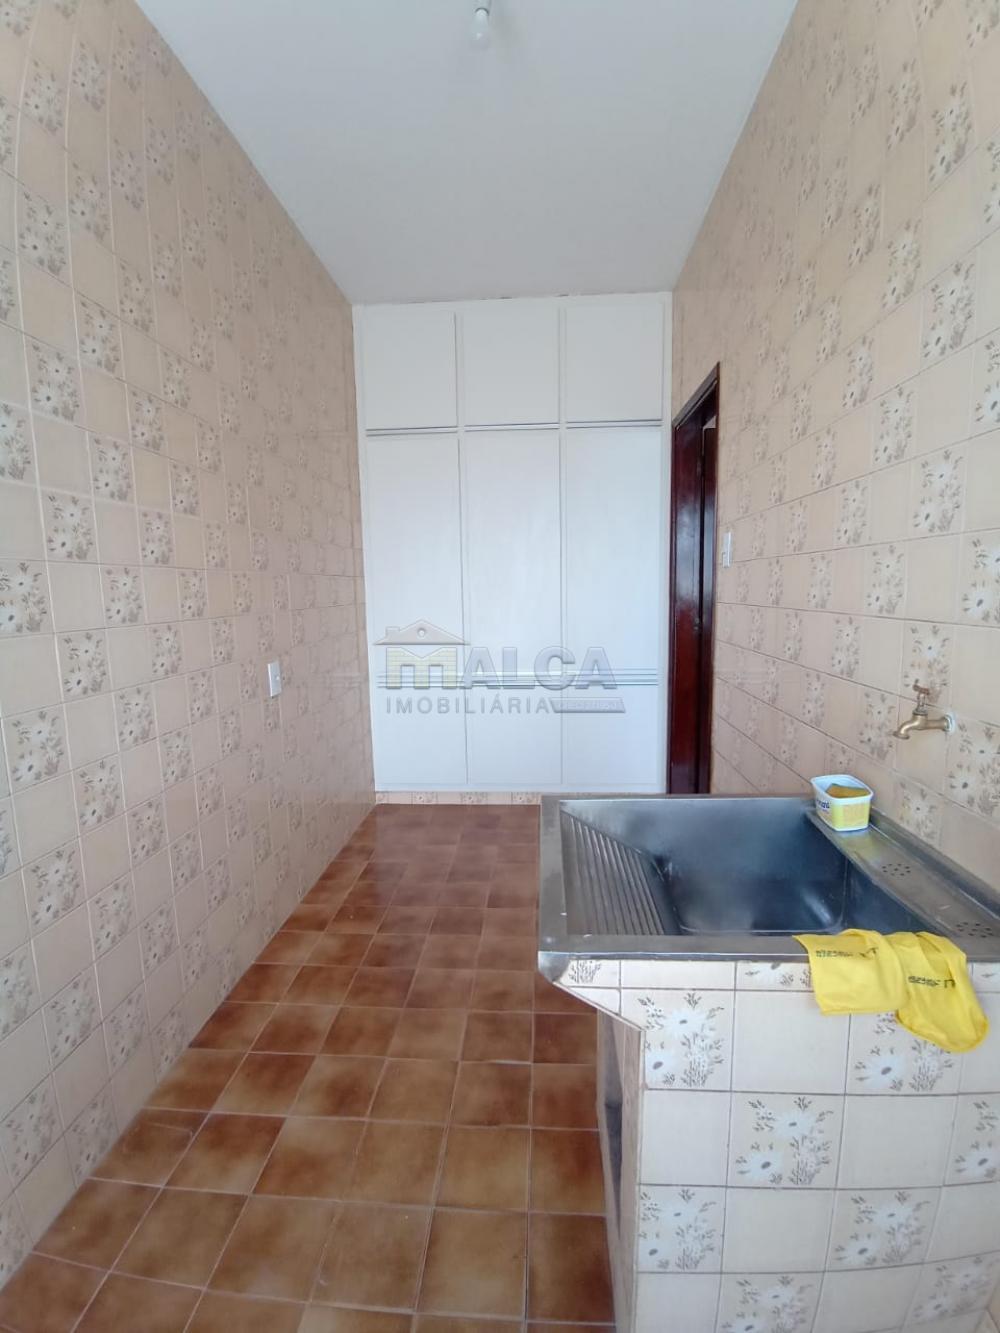 Alugar Casas / Padrão em São José do Rio Pardo apenas R$ 2.500,00 - Foto 23